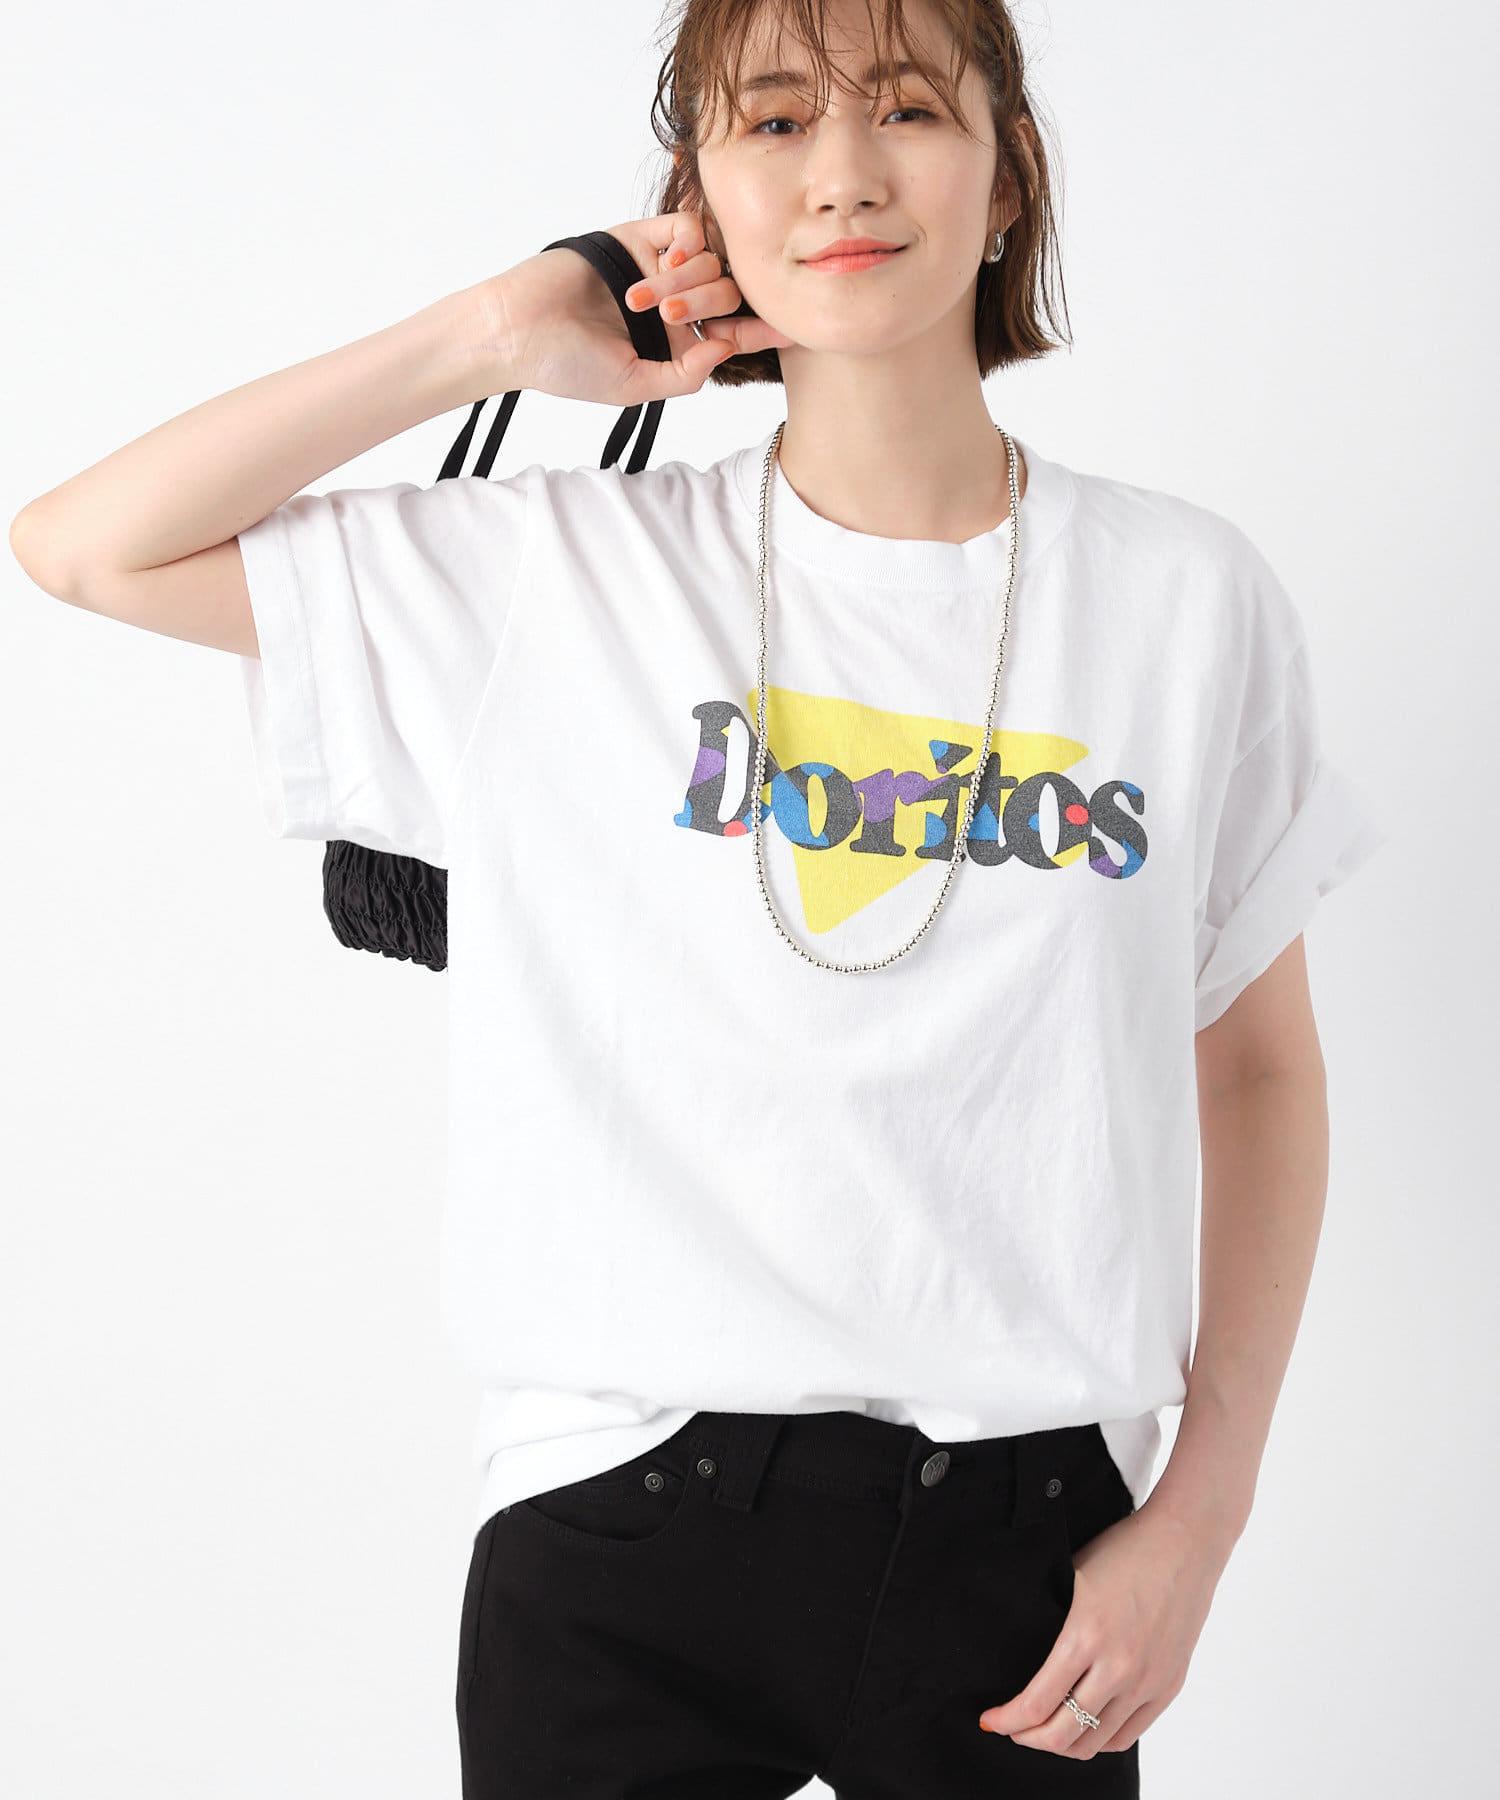 RIVE DROITE(リヴドロワ) レディース 【《GOOD ROCK SPEED》洗える】DORITOS Tシャツ オフホワイト